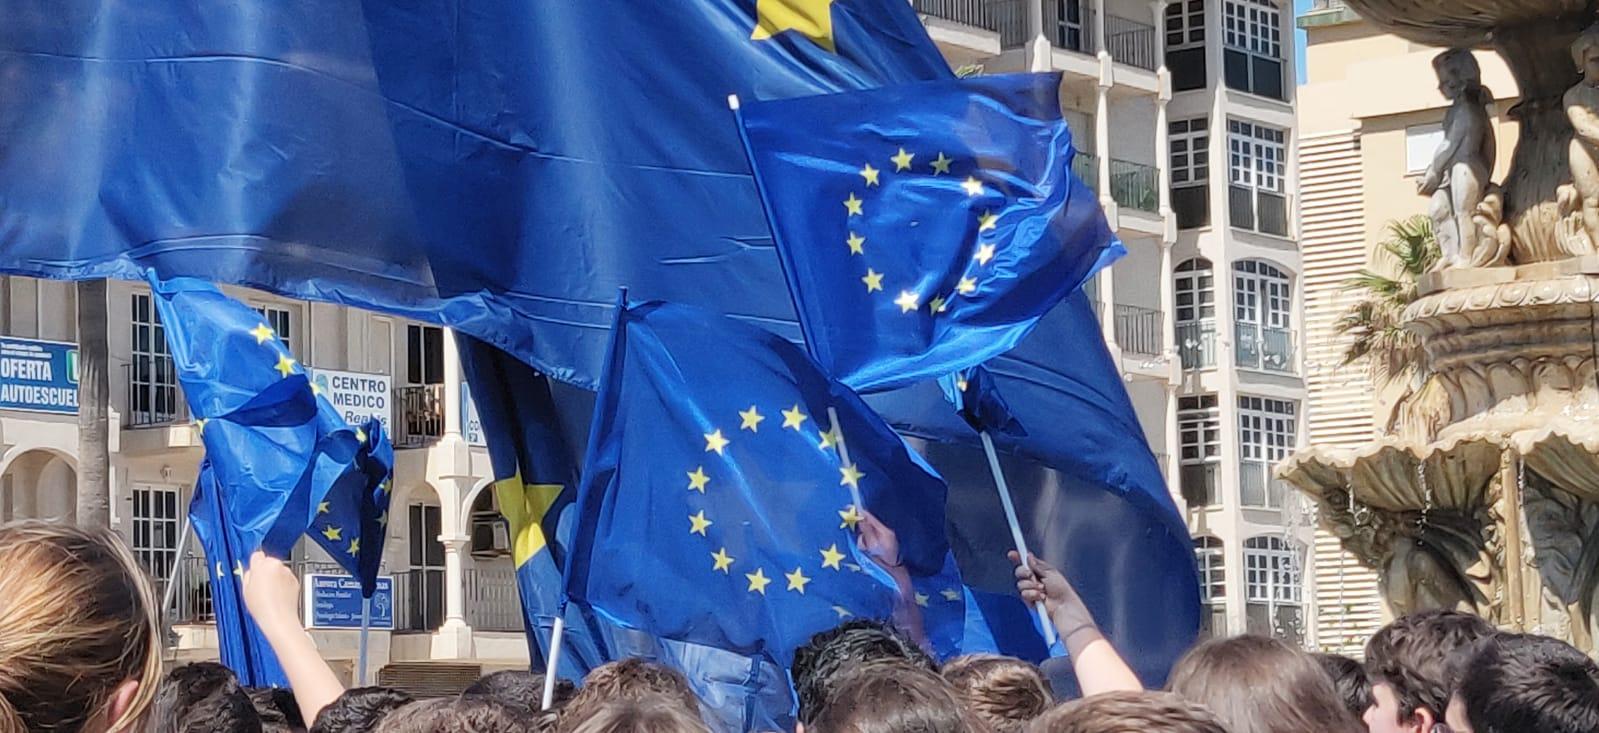 Imagen de la noticia: DÍA DE EUROPA 2019  [Actualizado]